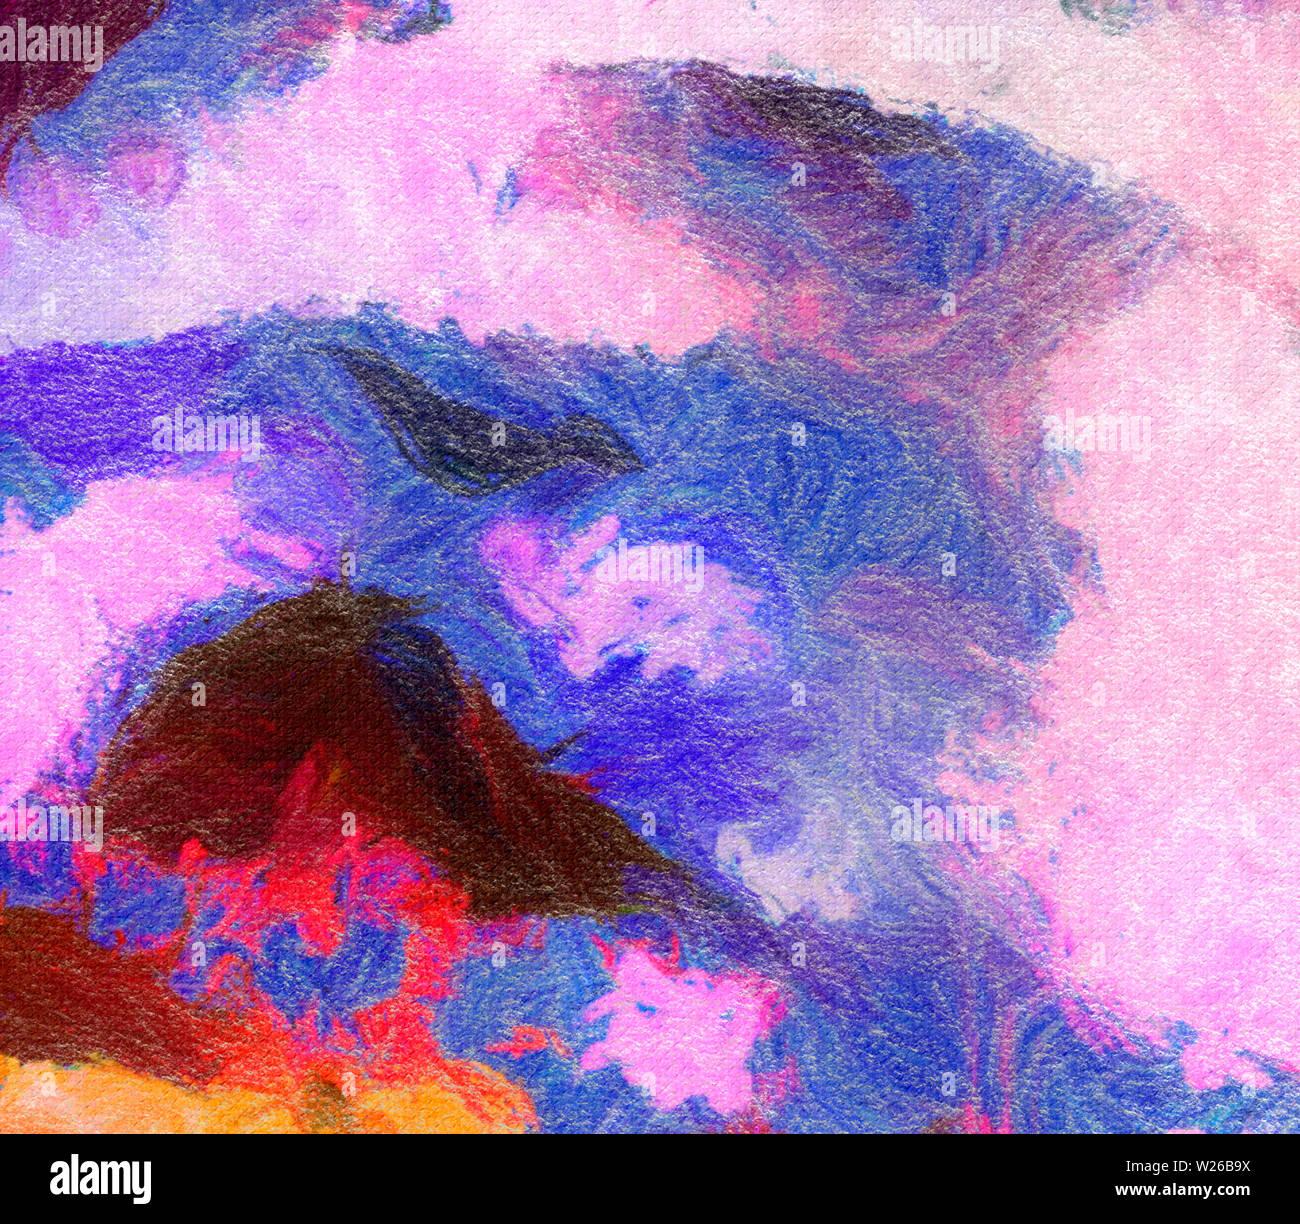 Abstrakte Textur Hintergrund Auf Leinwand Aquarell Artwork Gemalt Digitale Hand Gezeichnete Kunst Moderne Kunstlerische Arbeit Gut Fur Gedruckte Bilder Design Pos Stockfotografie Alamy